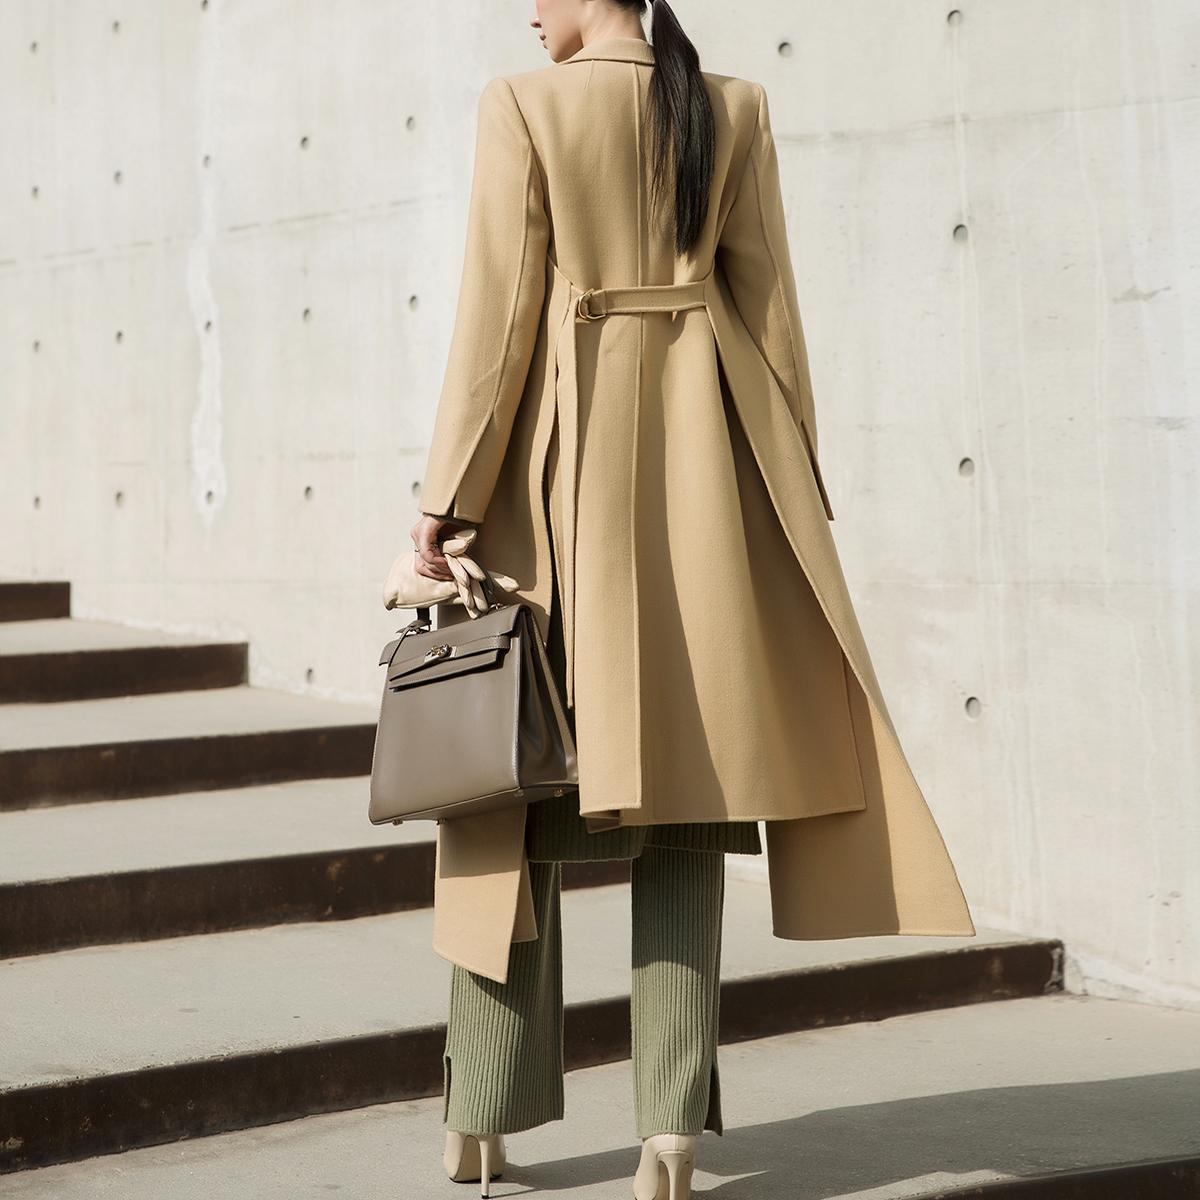 J754 Drelin Wool belted Coat * BLACK LABEL *